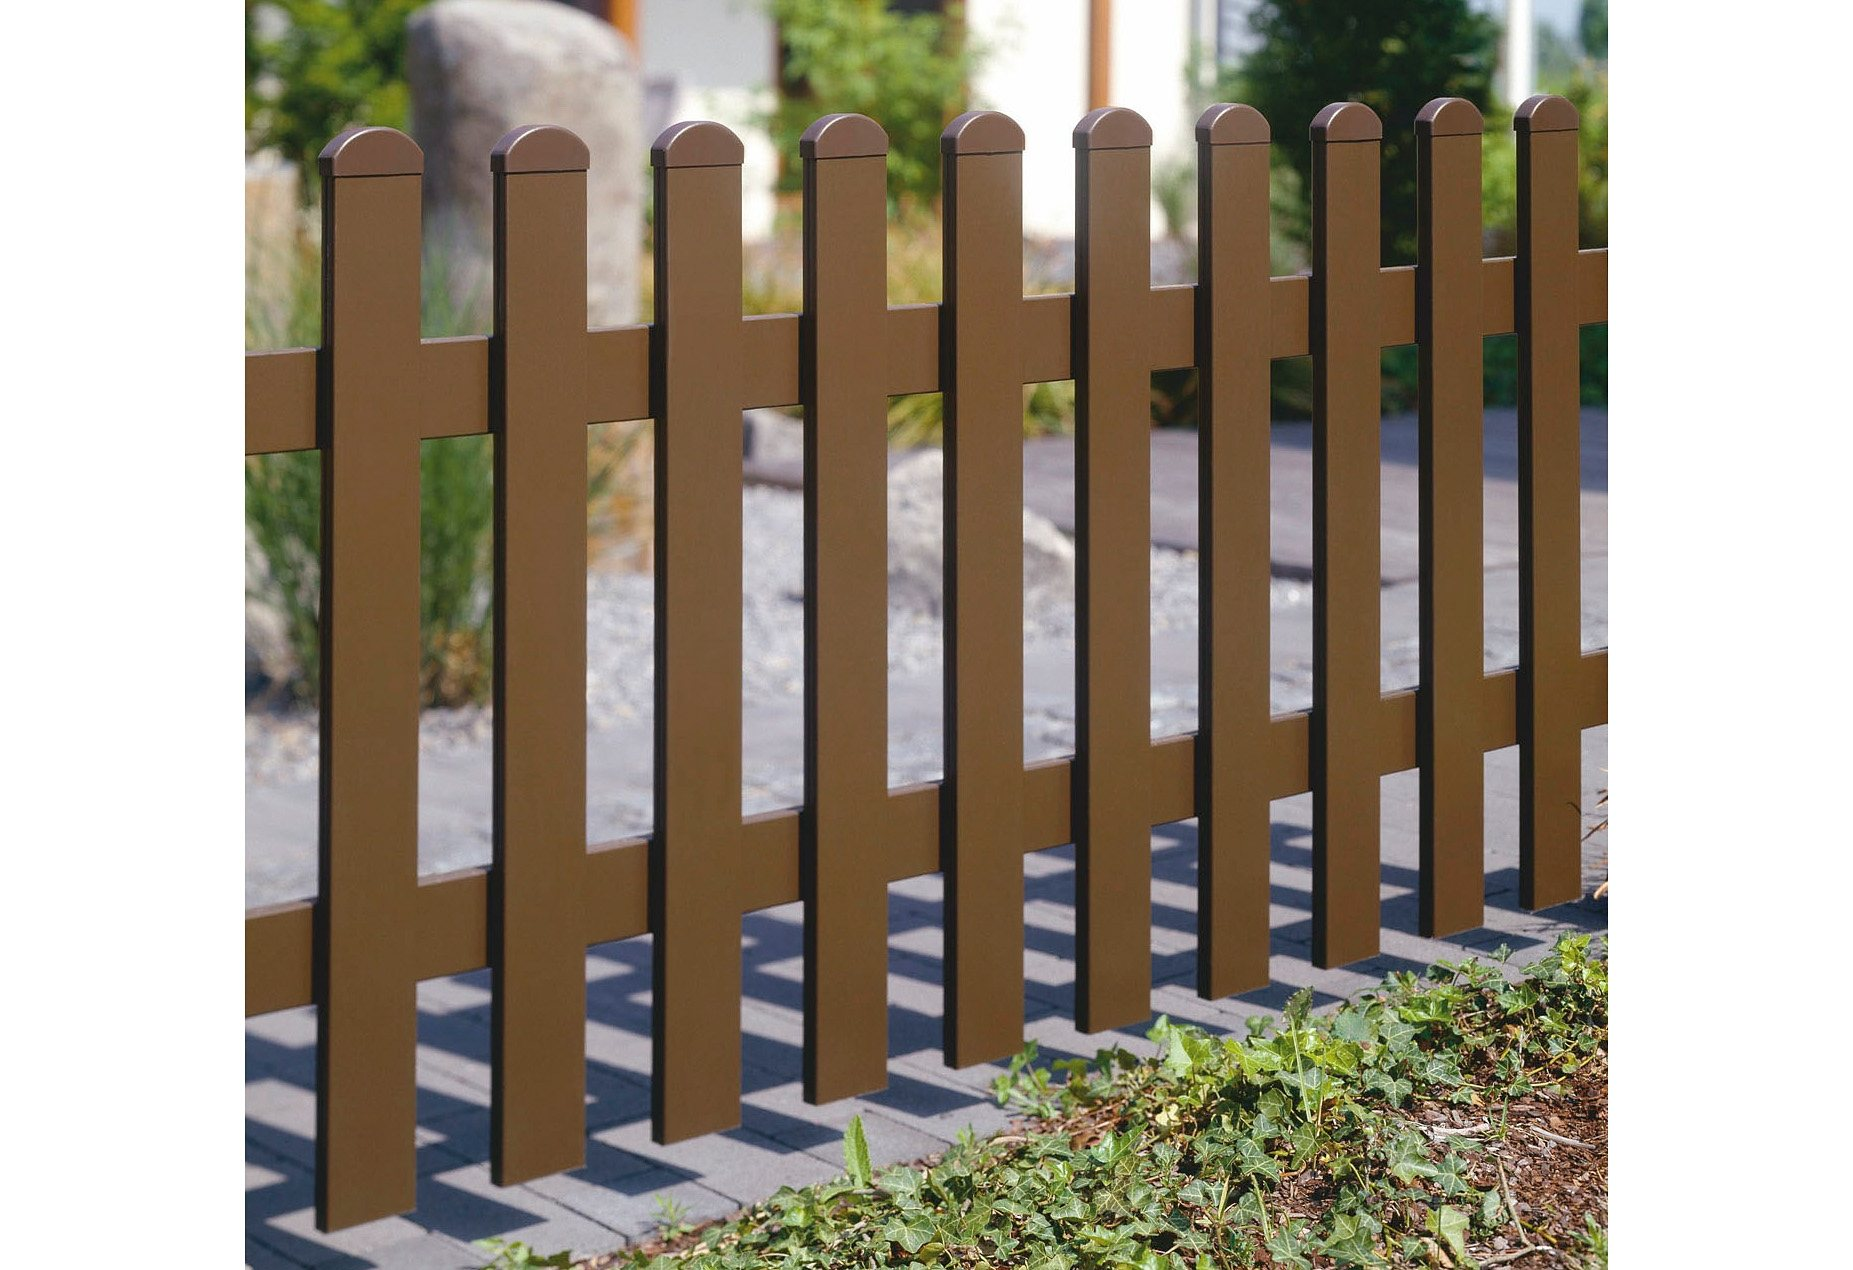 KM Meeth Zaun Gmbh Zaun-Doppeltür gerade »328 x 80 cm dunkelbraun« | Garten > Zäune und Sichtschutz | KM Zaun